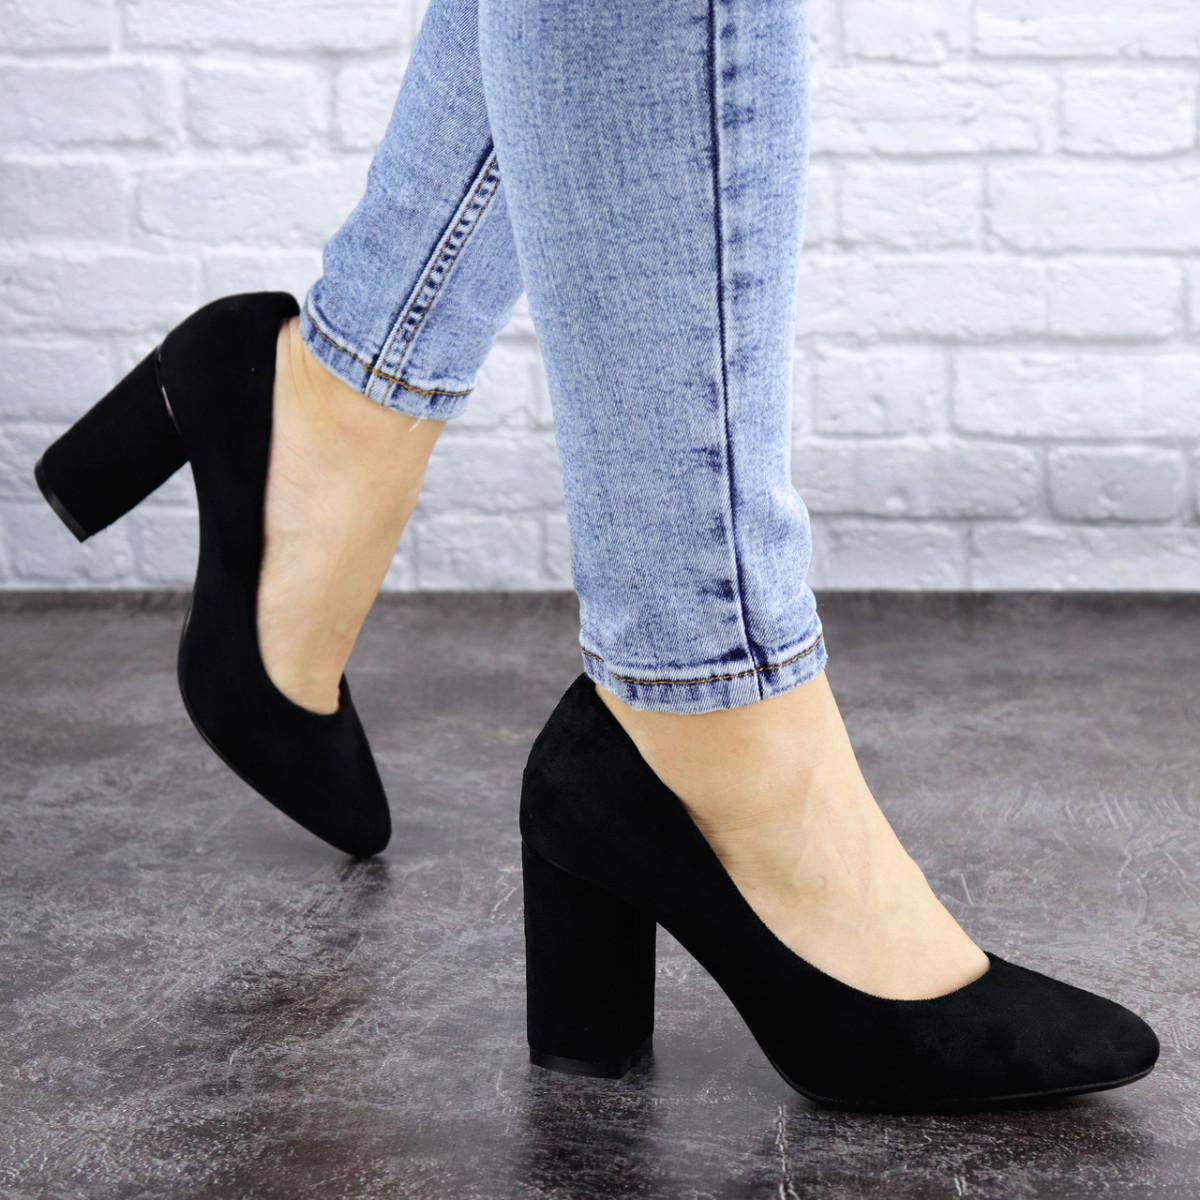 Туфлі жіночі на підборах Fashion Beans 2114 38 розмір 24,5 см Чорний